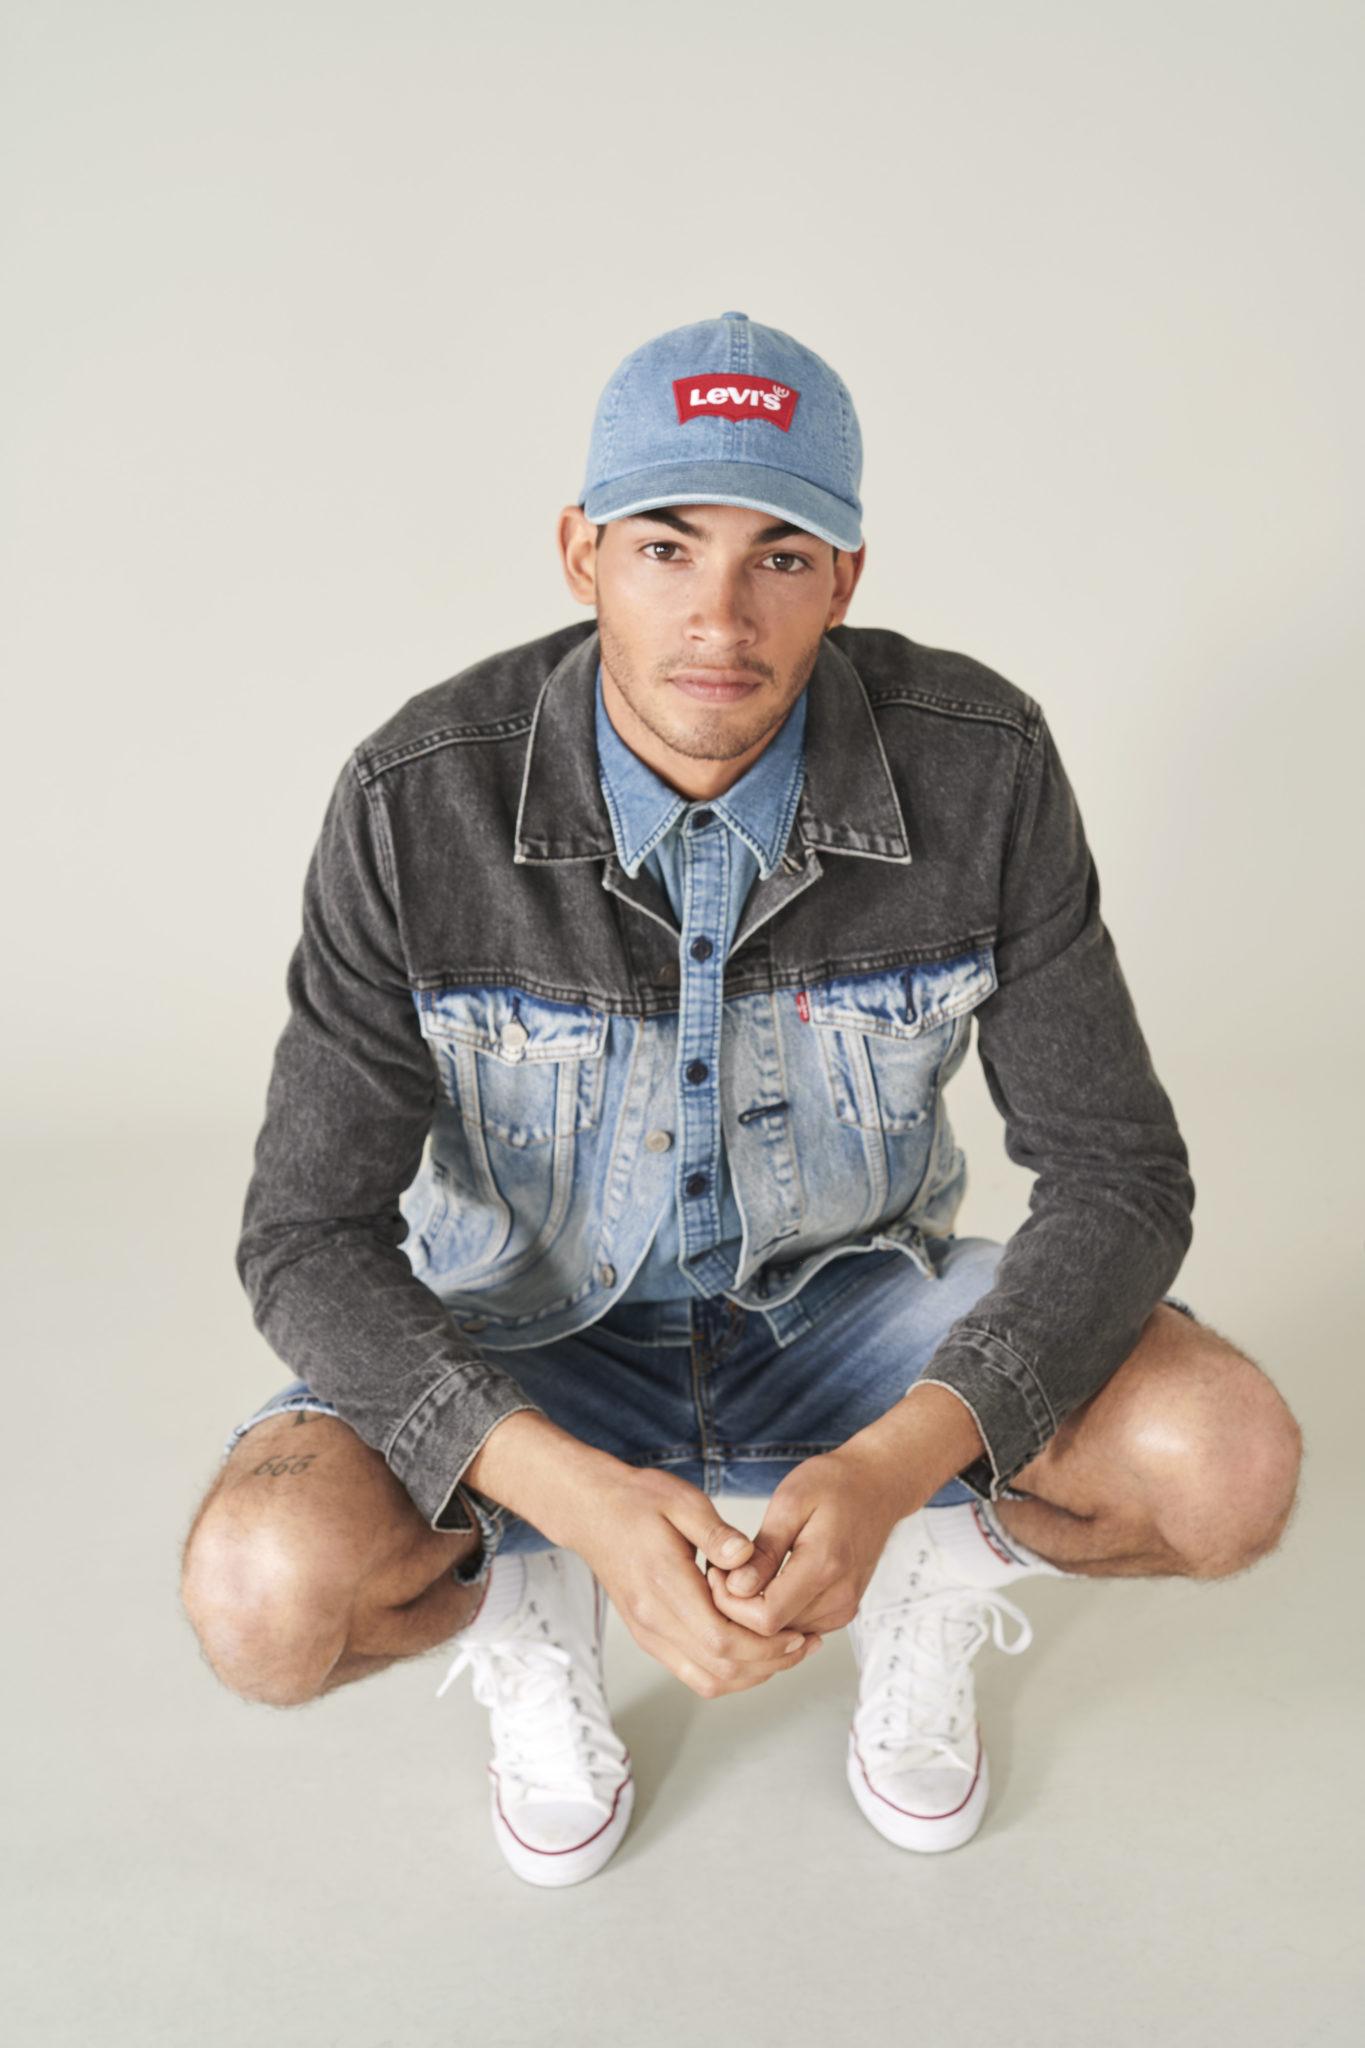 Chłopak ubrany w jeansową kurtkę i czapkę z napisem Levi's